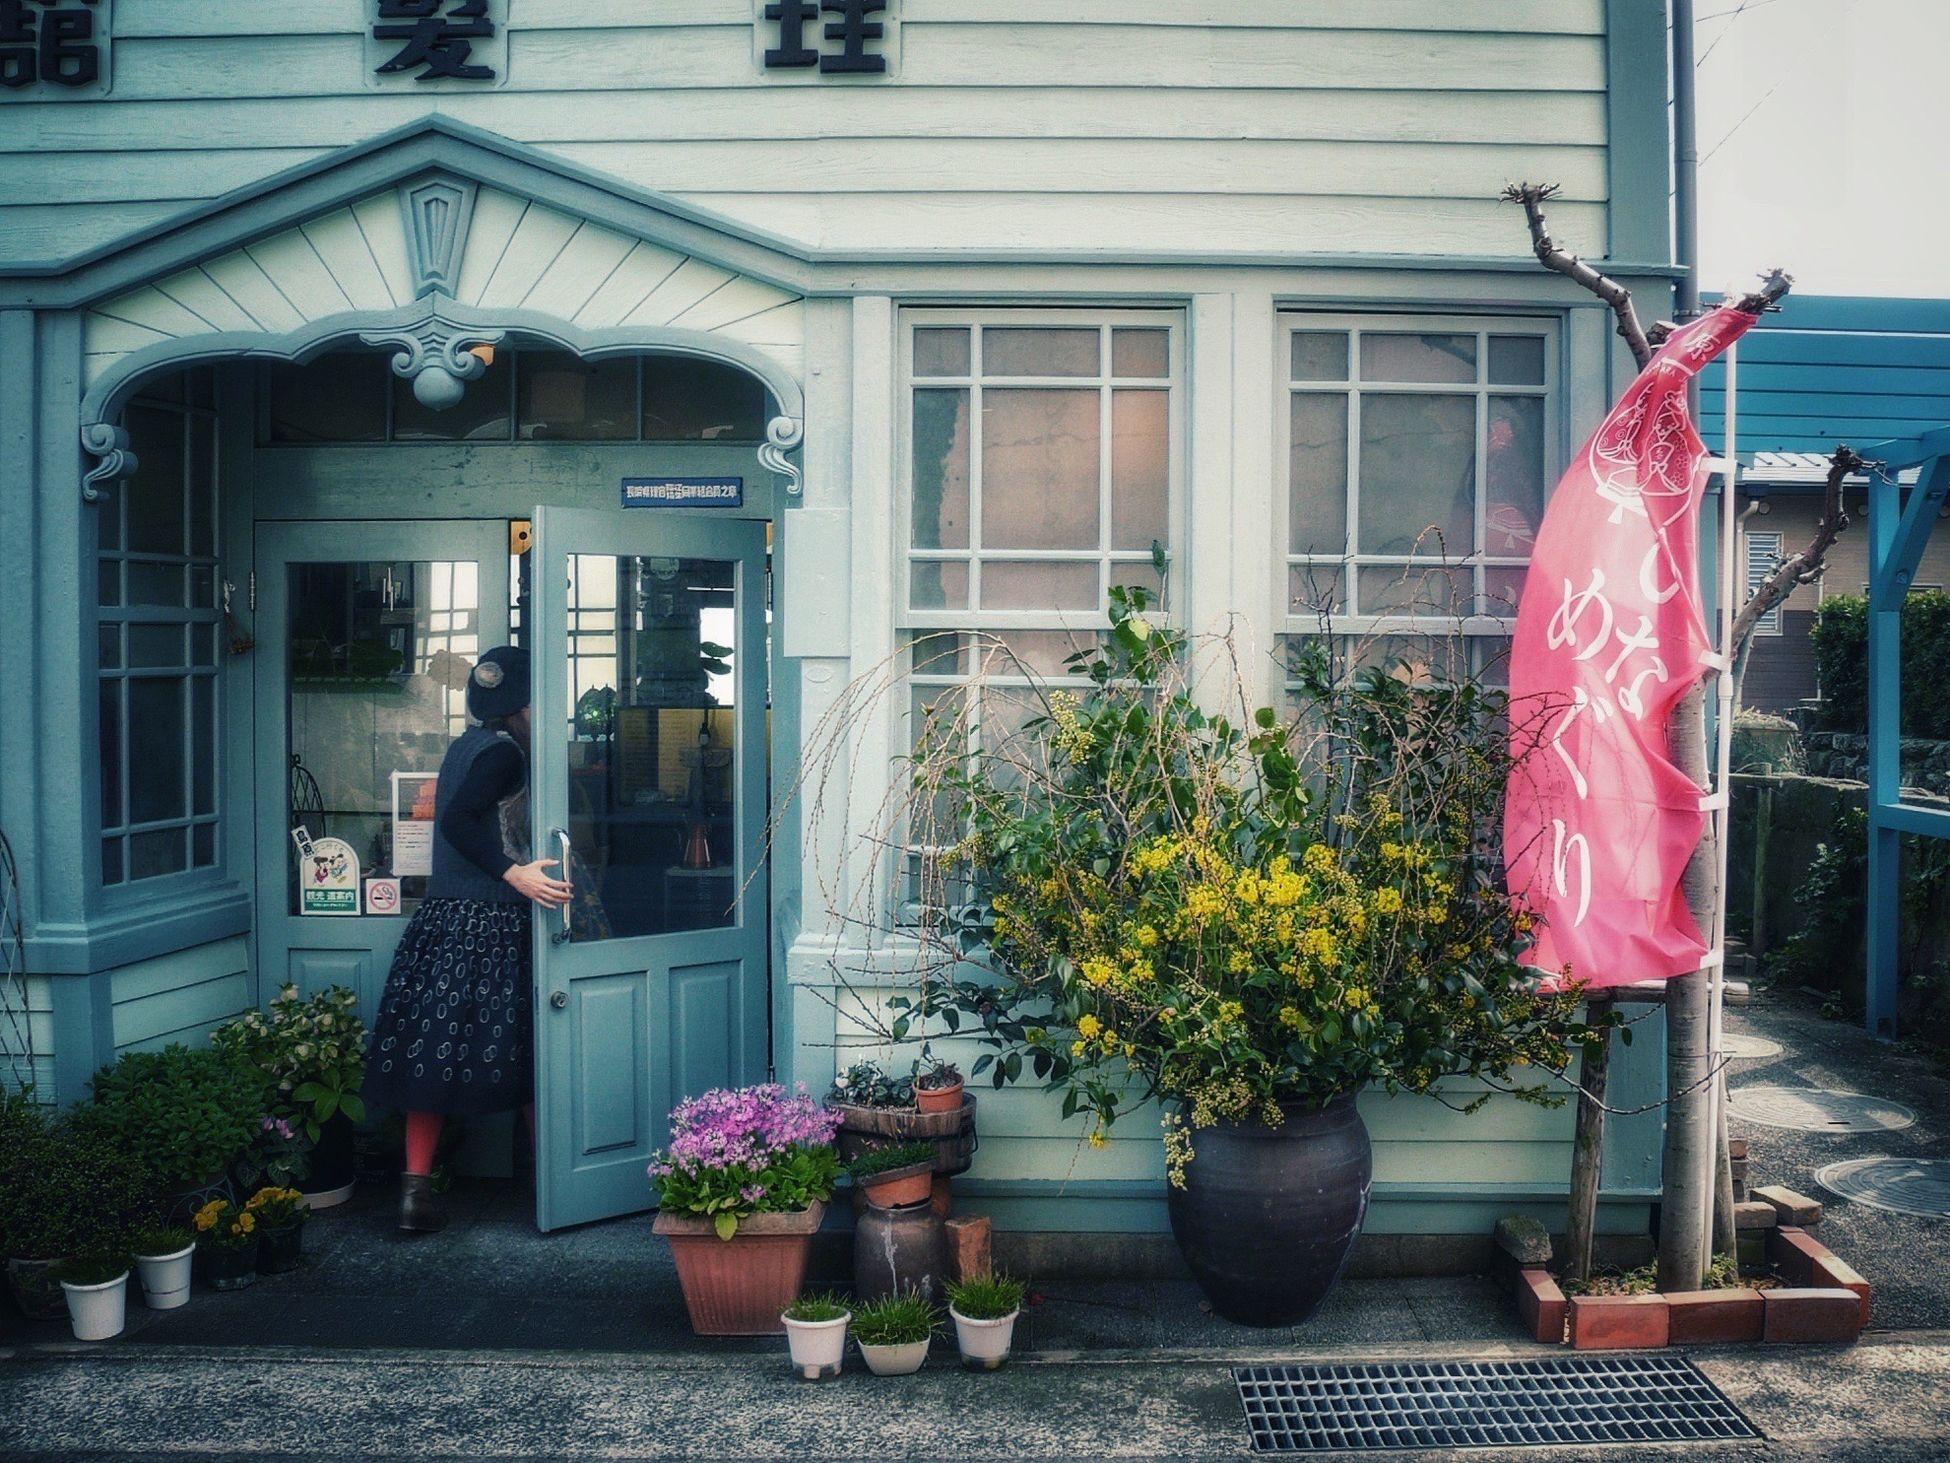 青い理髪館 Old Buildings Architectural Detail 1925 build Pastel Power Cultural Property(Japan) 想いを超えろ。 Go beyond imagination Entrance One Shot Wonder Just One Shot Todays Hot Look Walking Around The City  Shimabara-shi Nagasaki JAPAN http://bunka.nii.ac.jp/heritages/detail/116364 LEICA V-LUX1 35mm